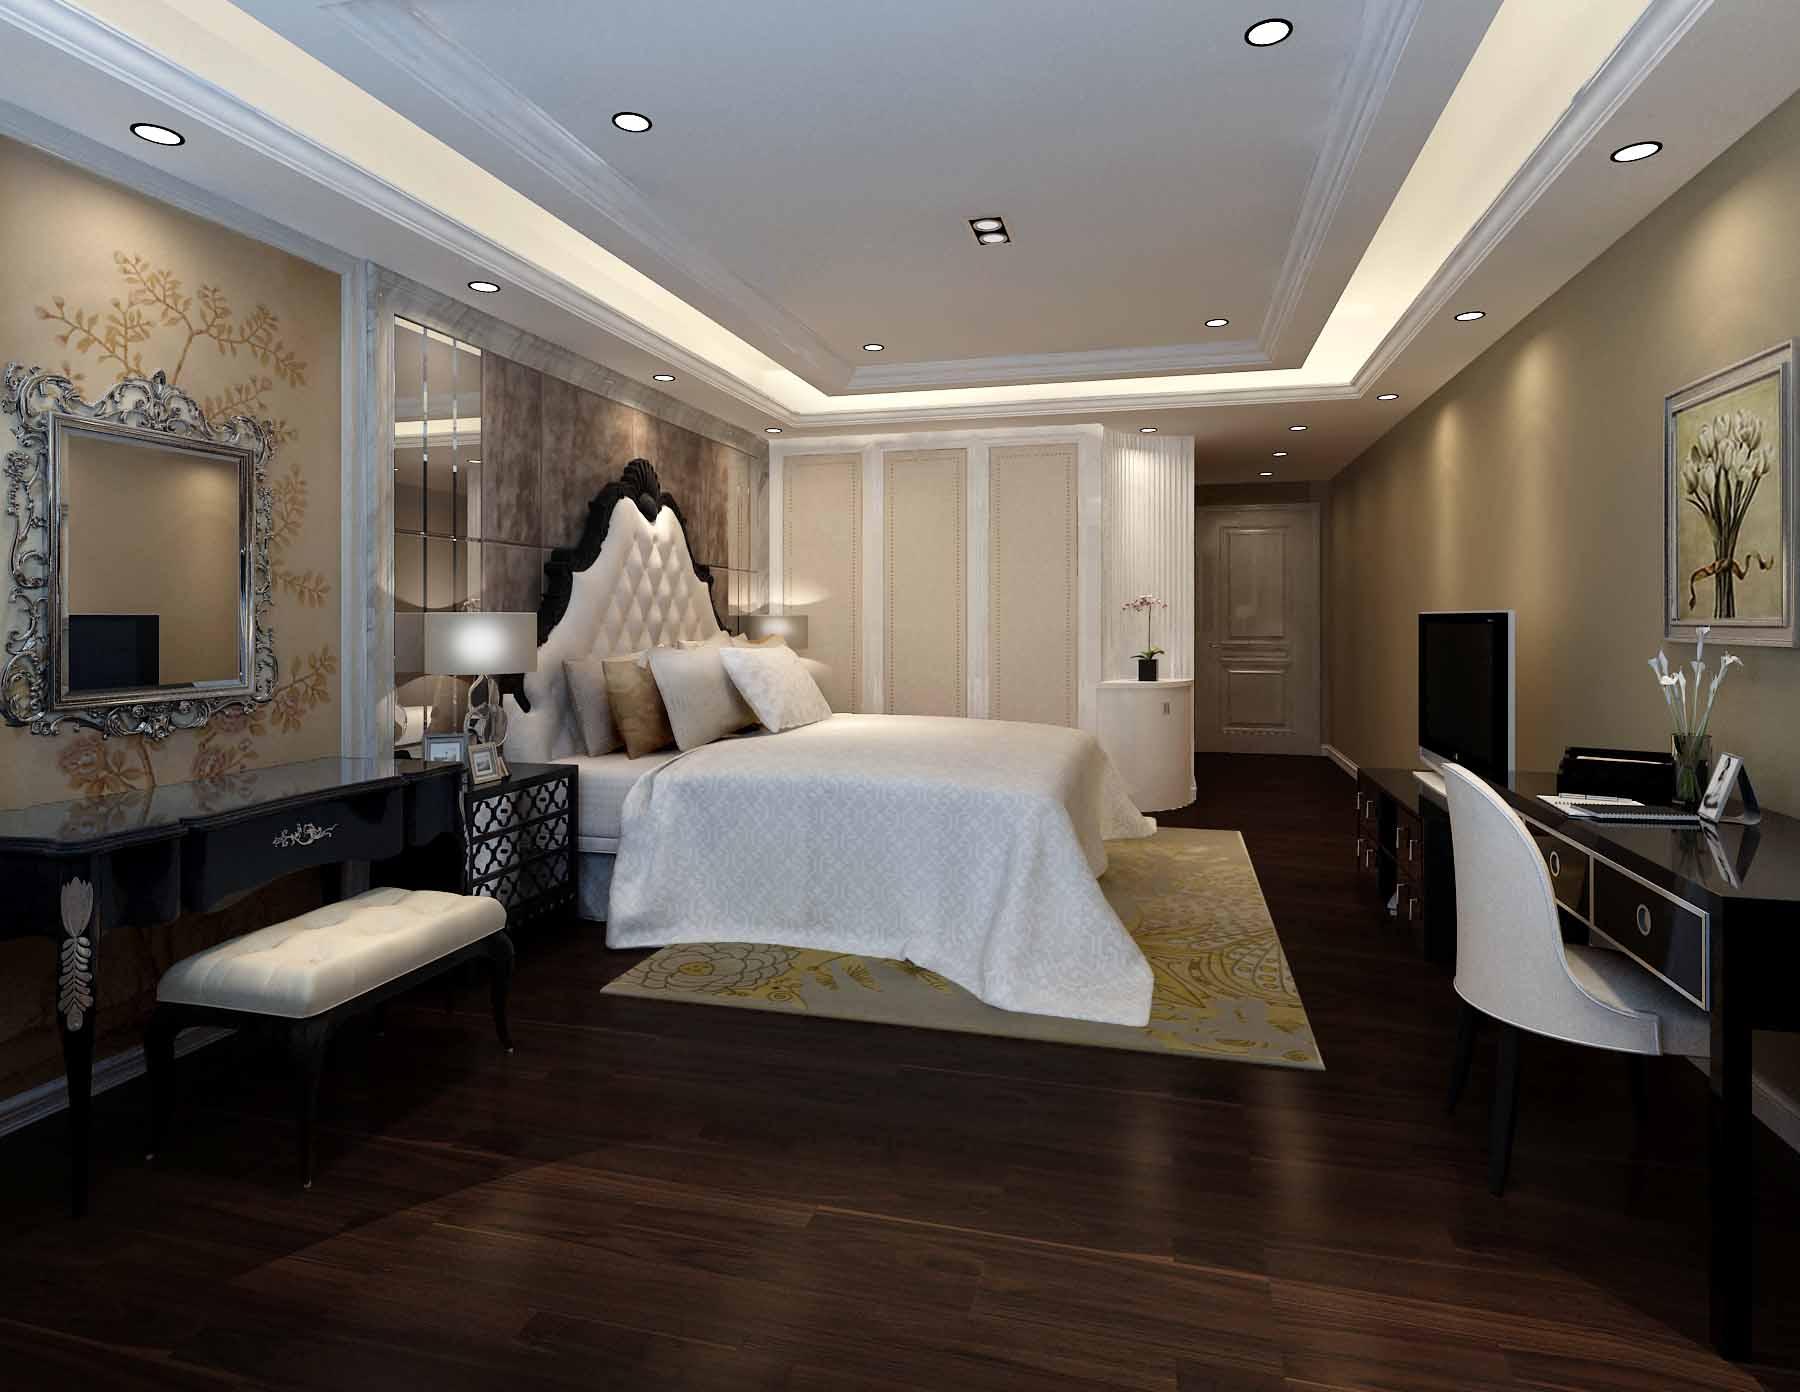 欧式 别墅 卧室图片来自新浪工长俱乐部赵宋芬在美墅的分享